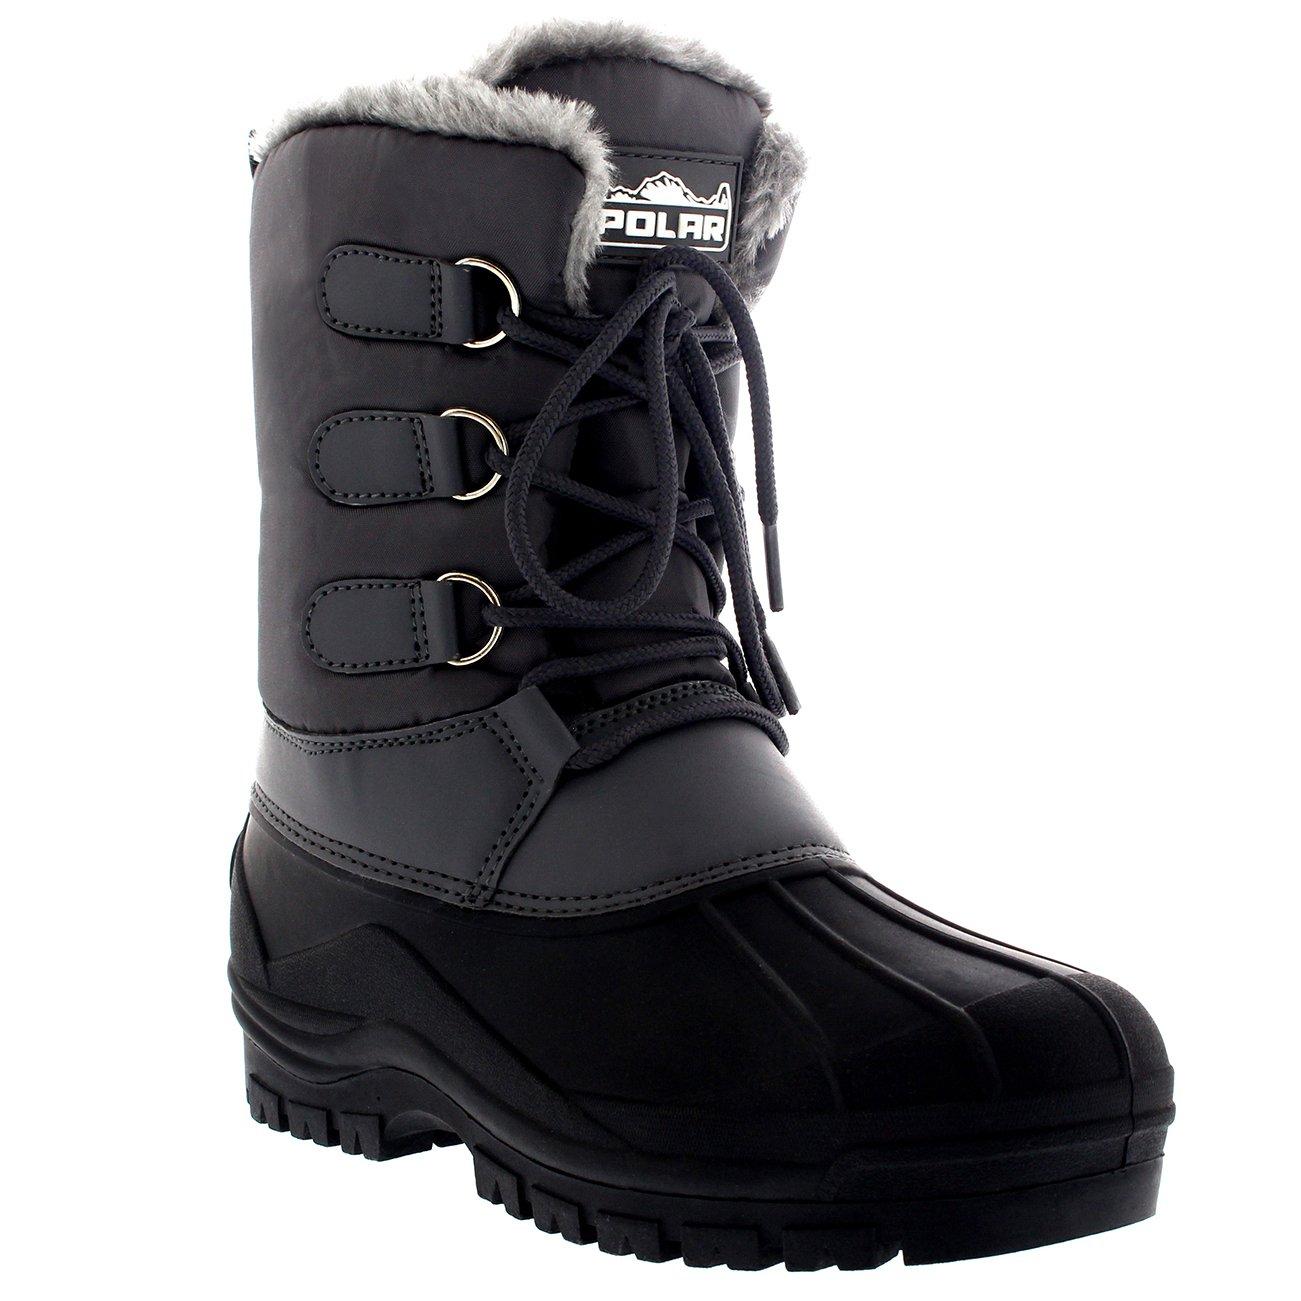 Polar Herren Muck Schnüren Short Nylon Winter Schnee Regen Schnüren Wasserdicht Ente Stiefel